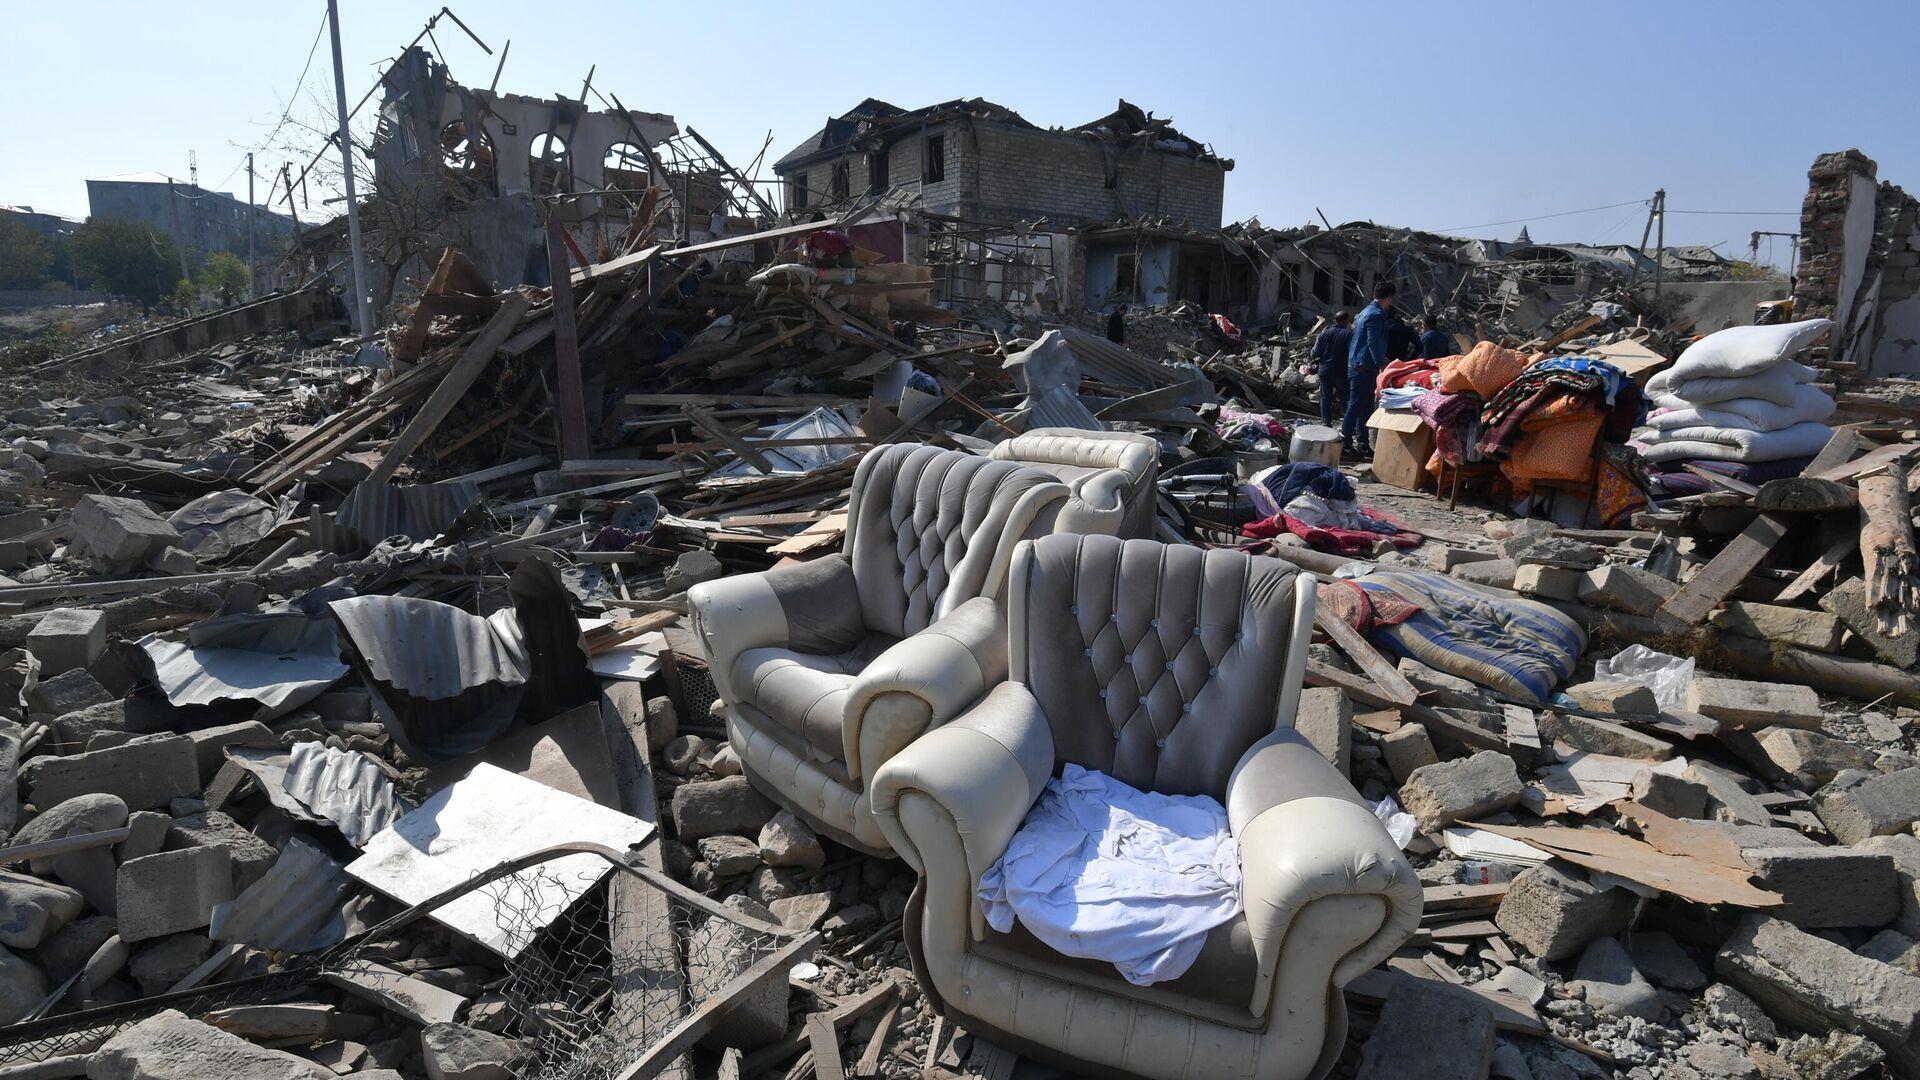 Мебель и вещи, которые жители Гянджи собирают среди обломков своих домов, разрушенных после обстрела - РИА Новости, 1920, 23.10.2020